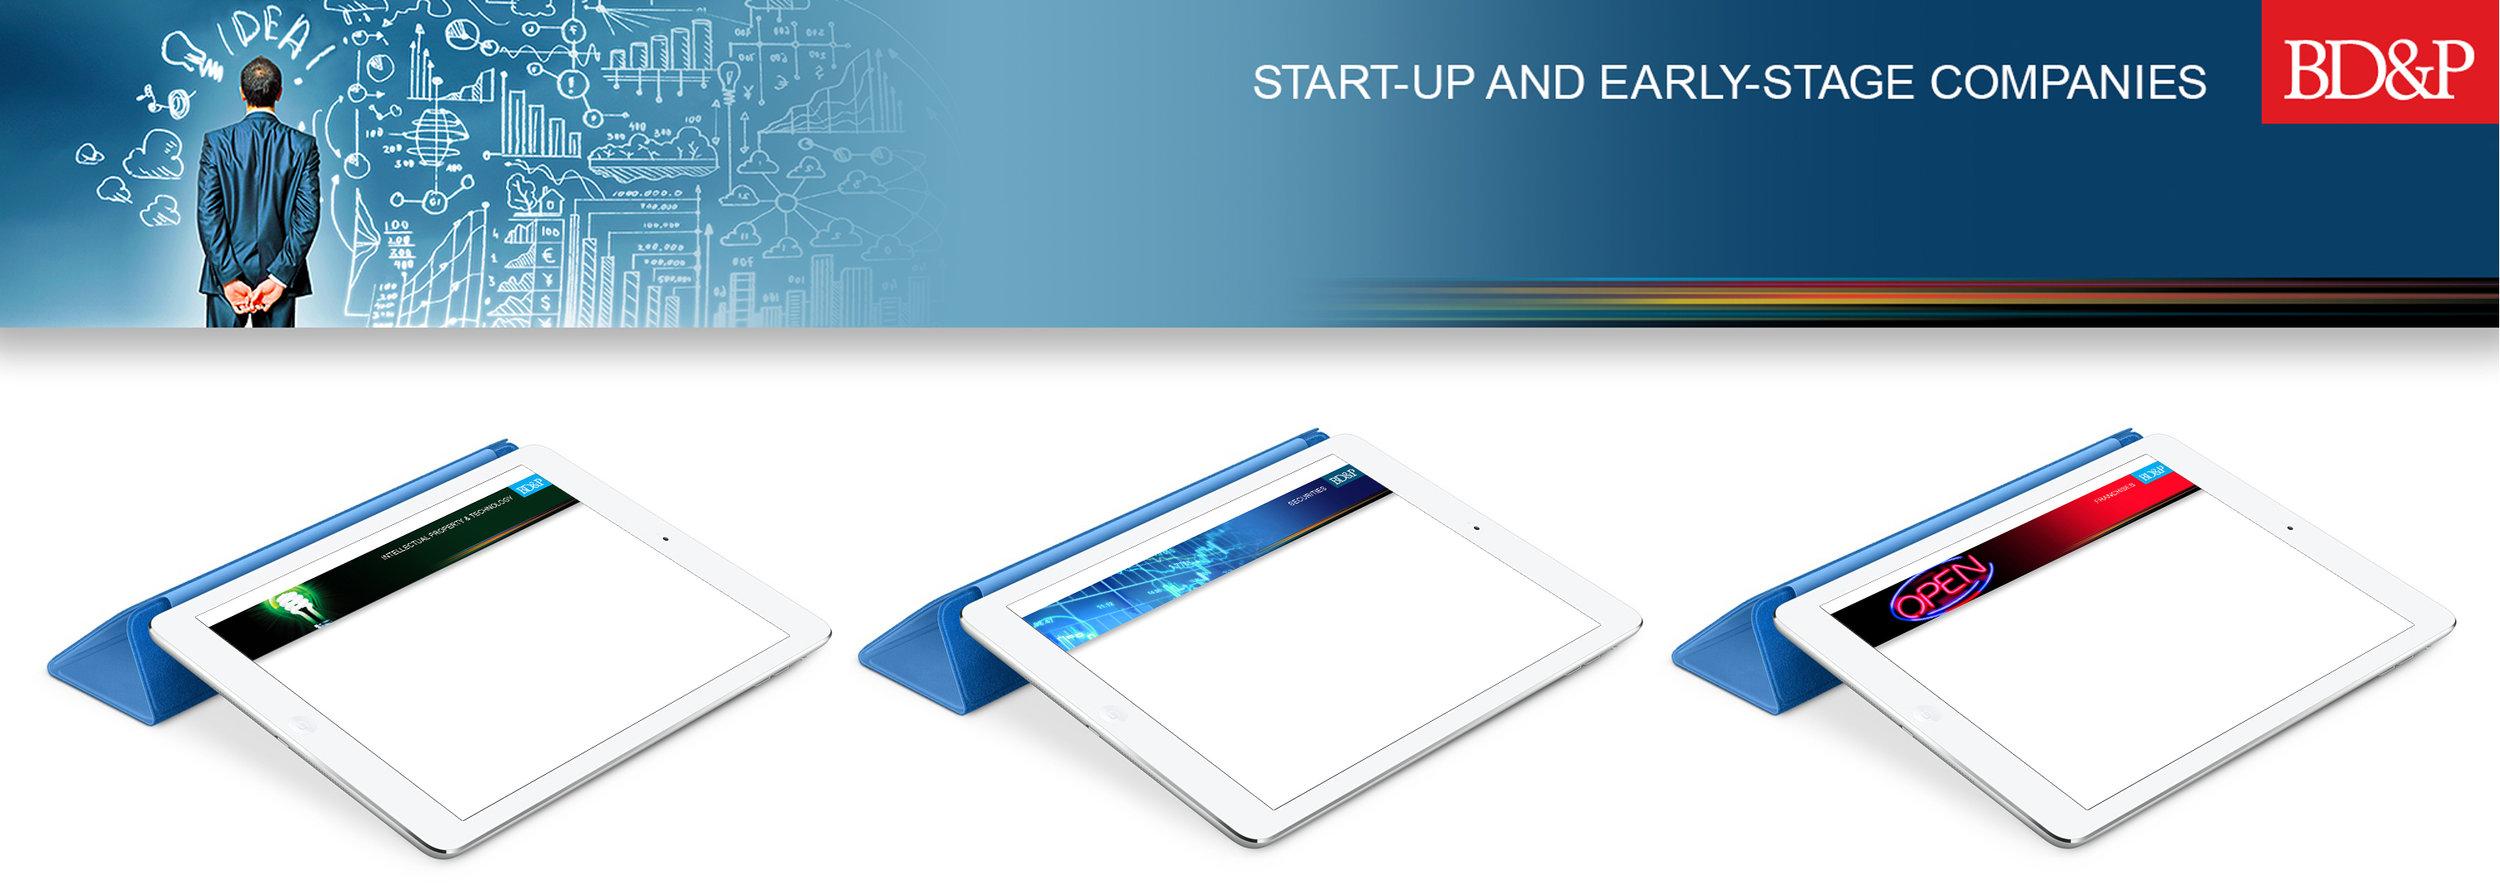 BDP iPad Mini Mockup4.jpg